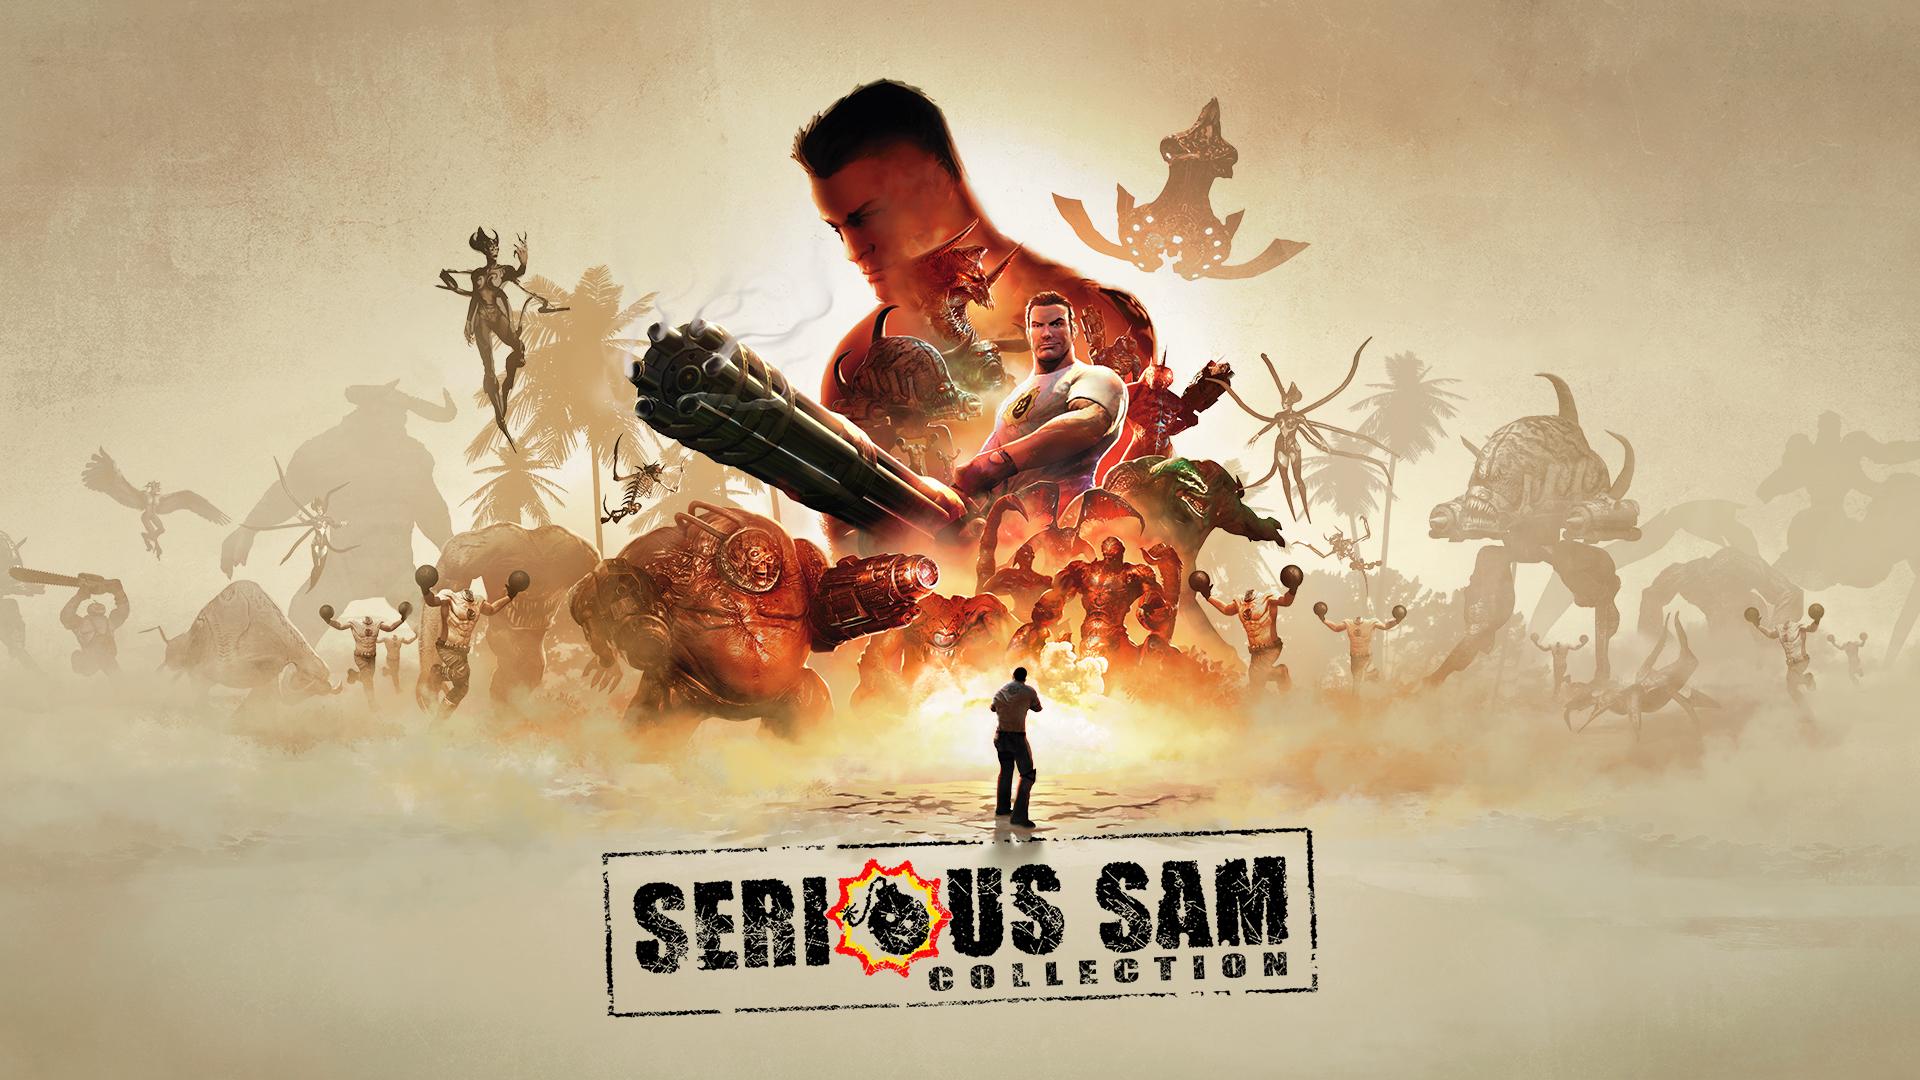 《英雄萨姆合集》正式推出 登陆PS4/Xbox/Switch平台